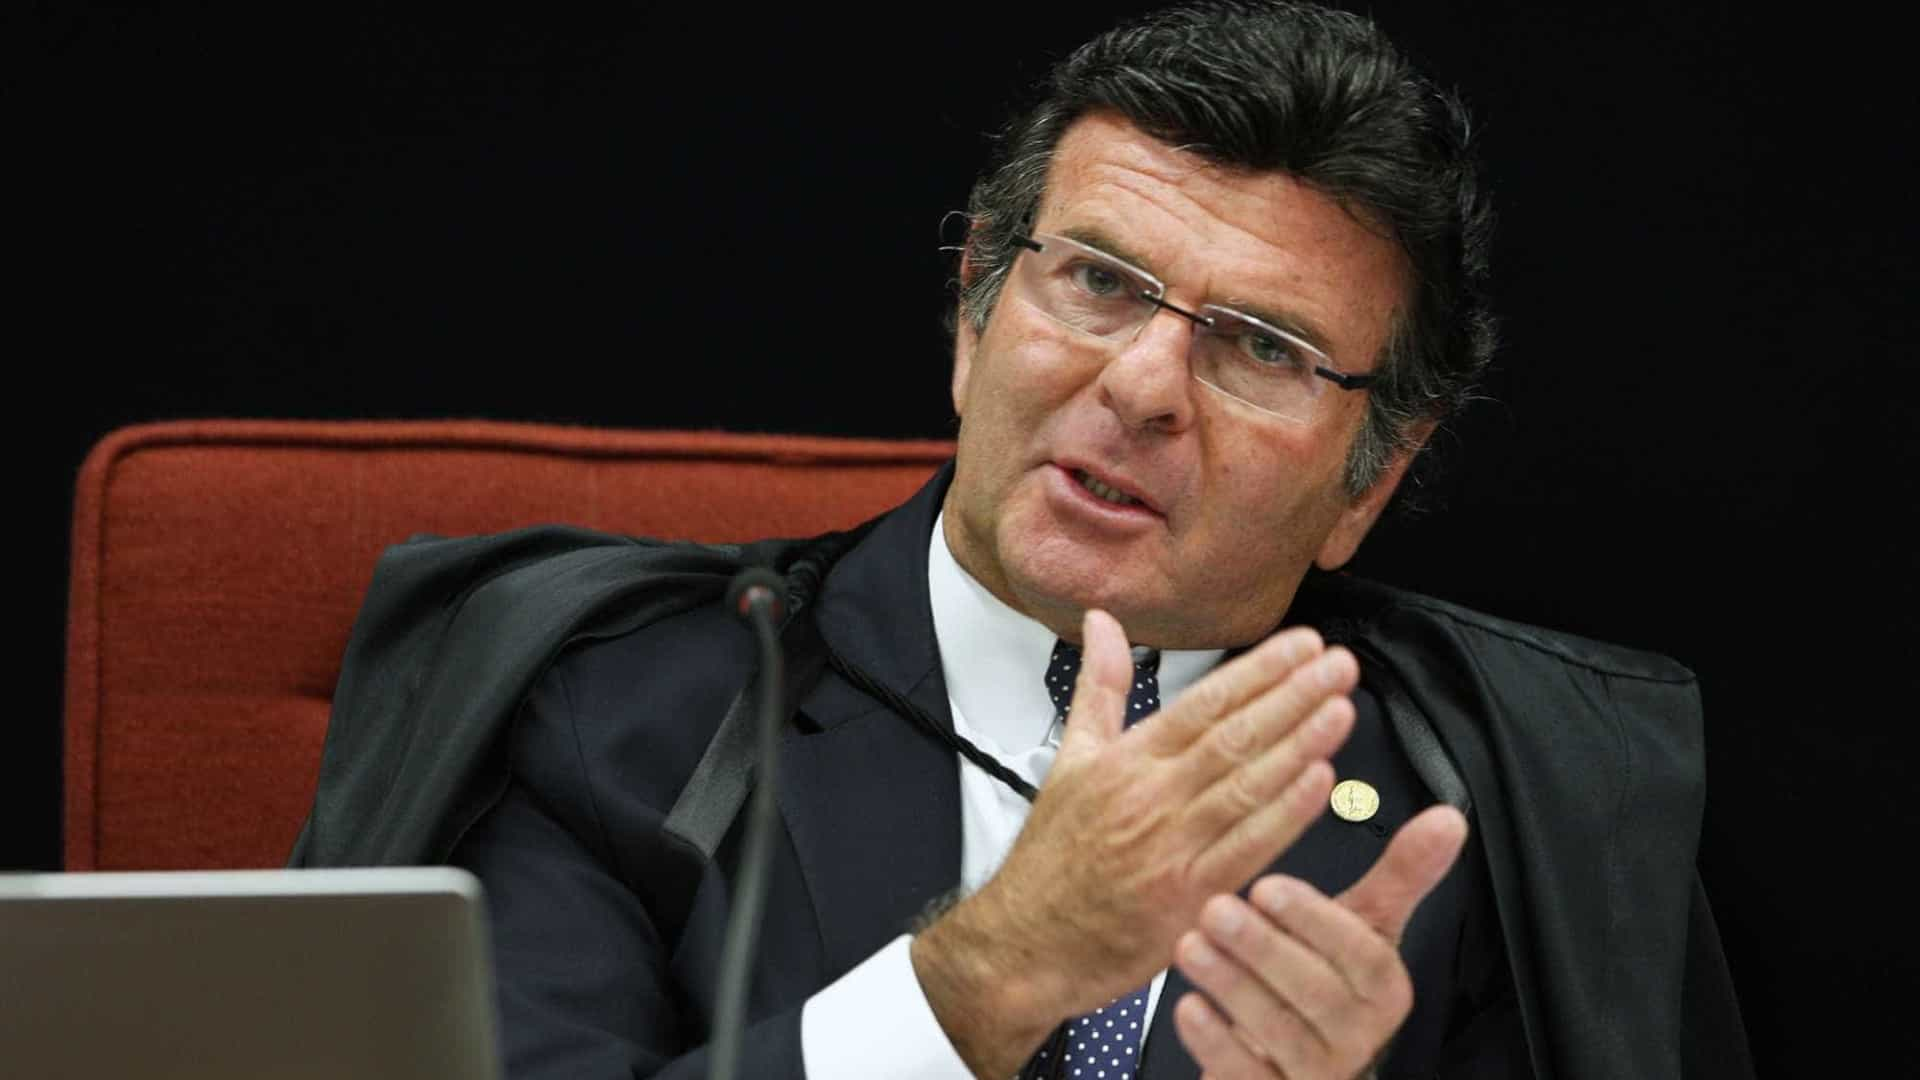 Fux explica decisão sobre caso Flávio Bolsonaro: 'Se eu não o fizesse…'